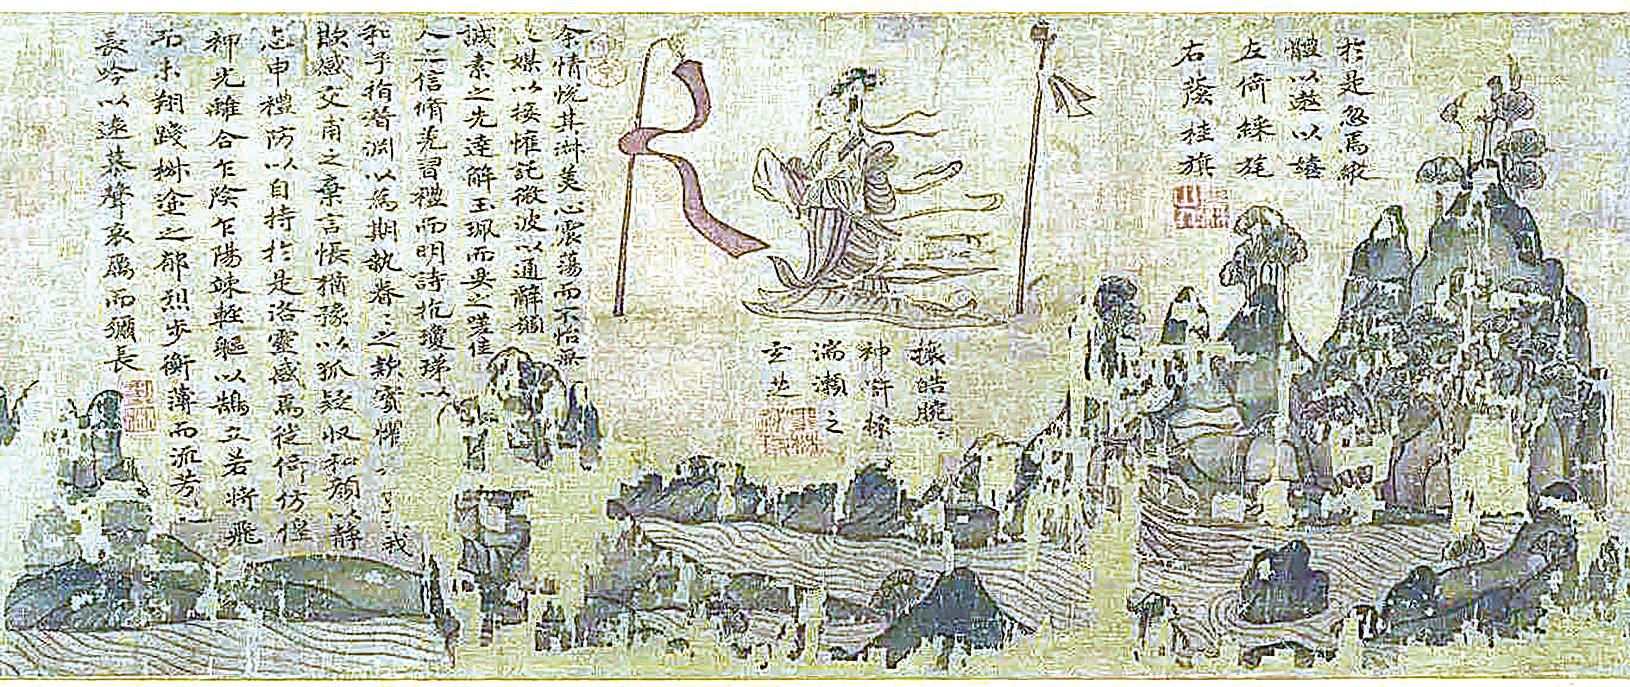 《洛神賦圖》之《嬉戲》局部。(維基百科)